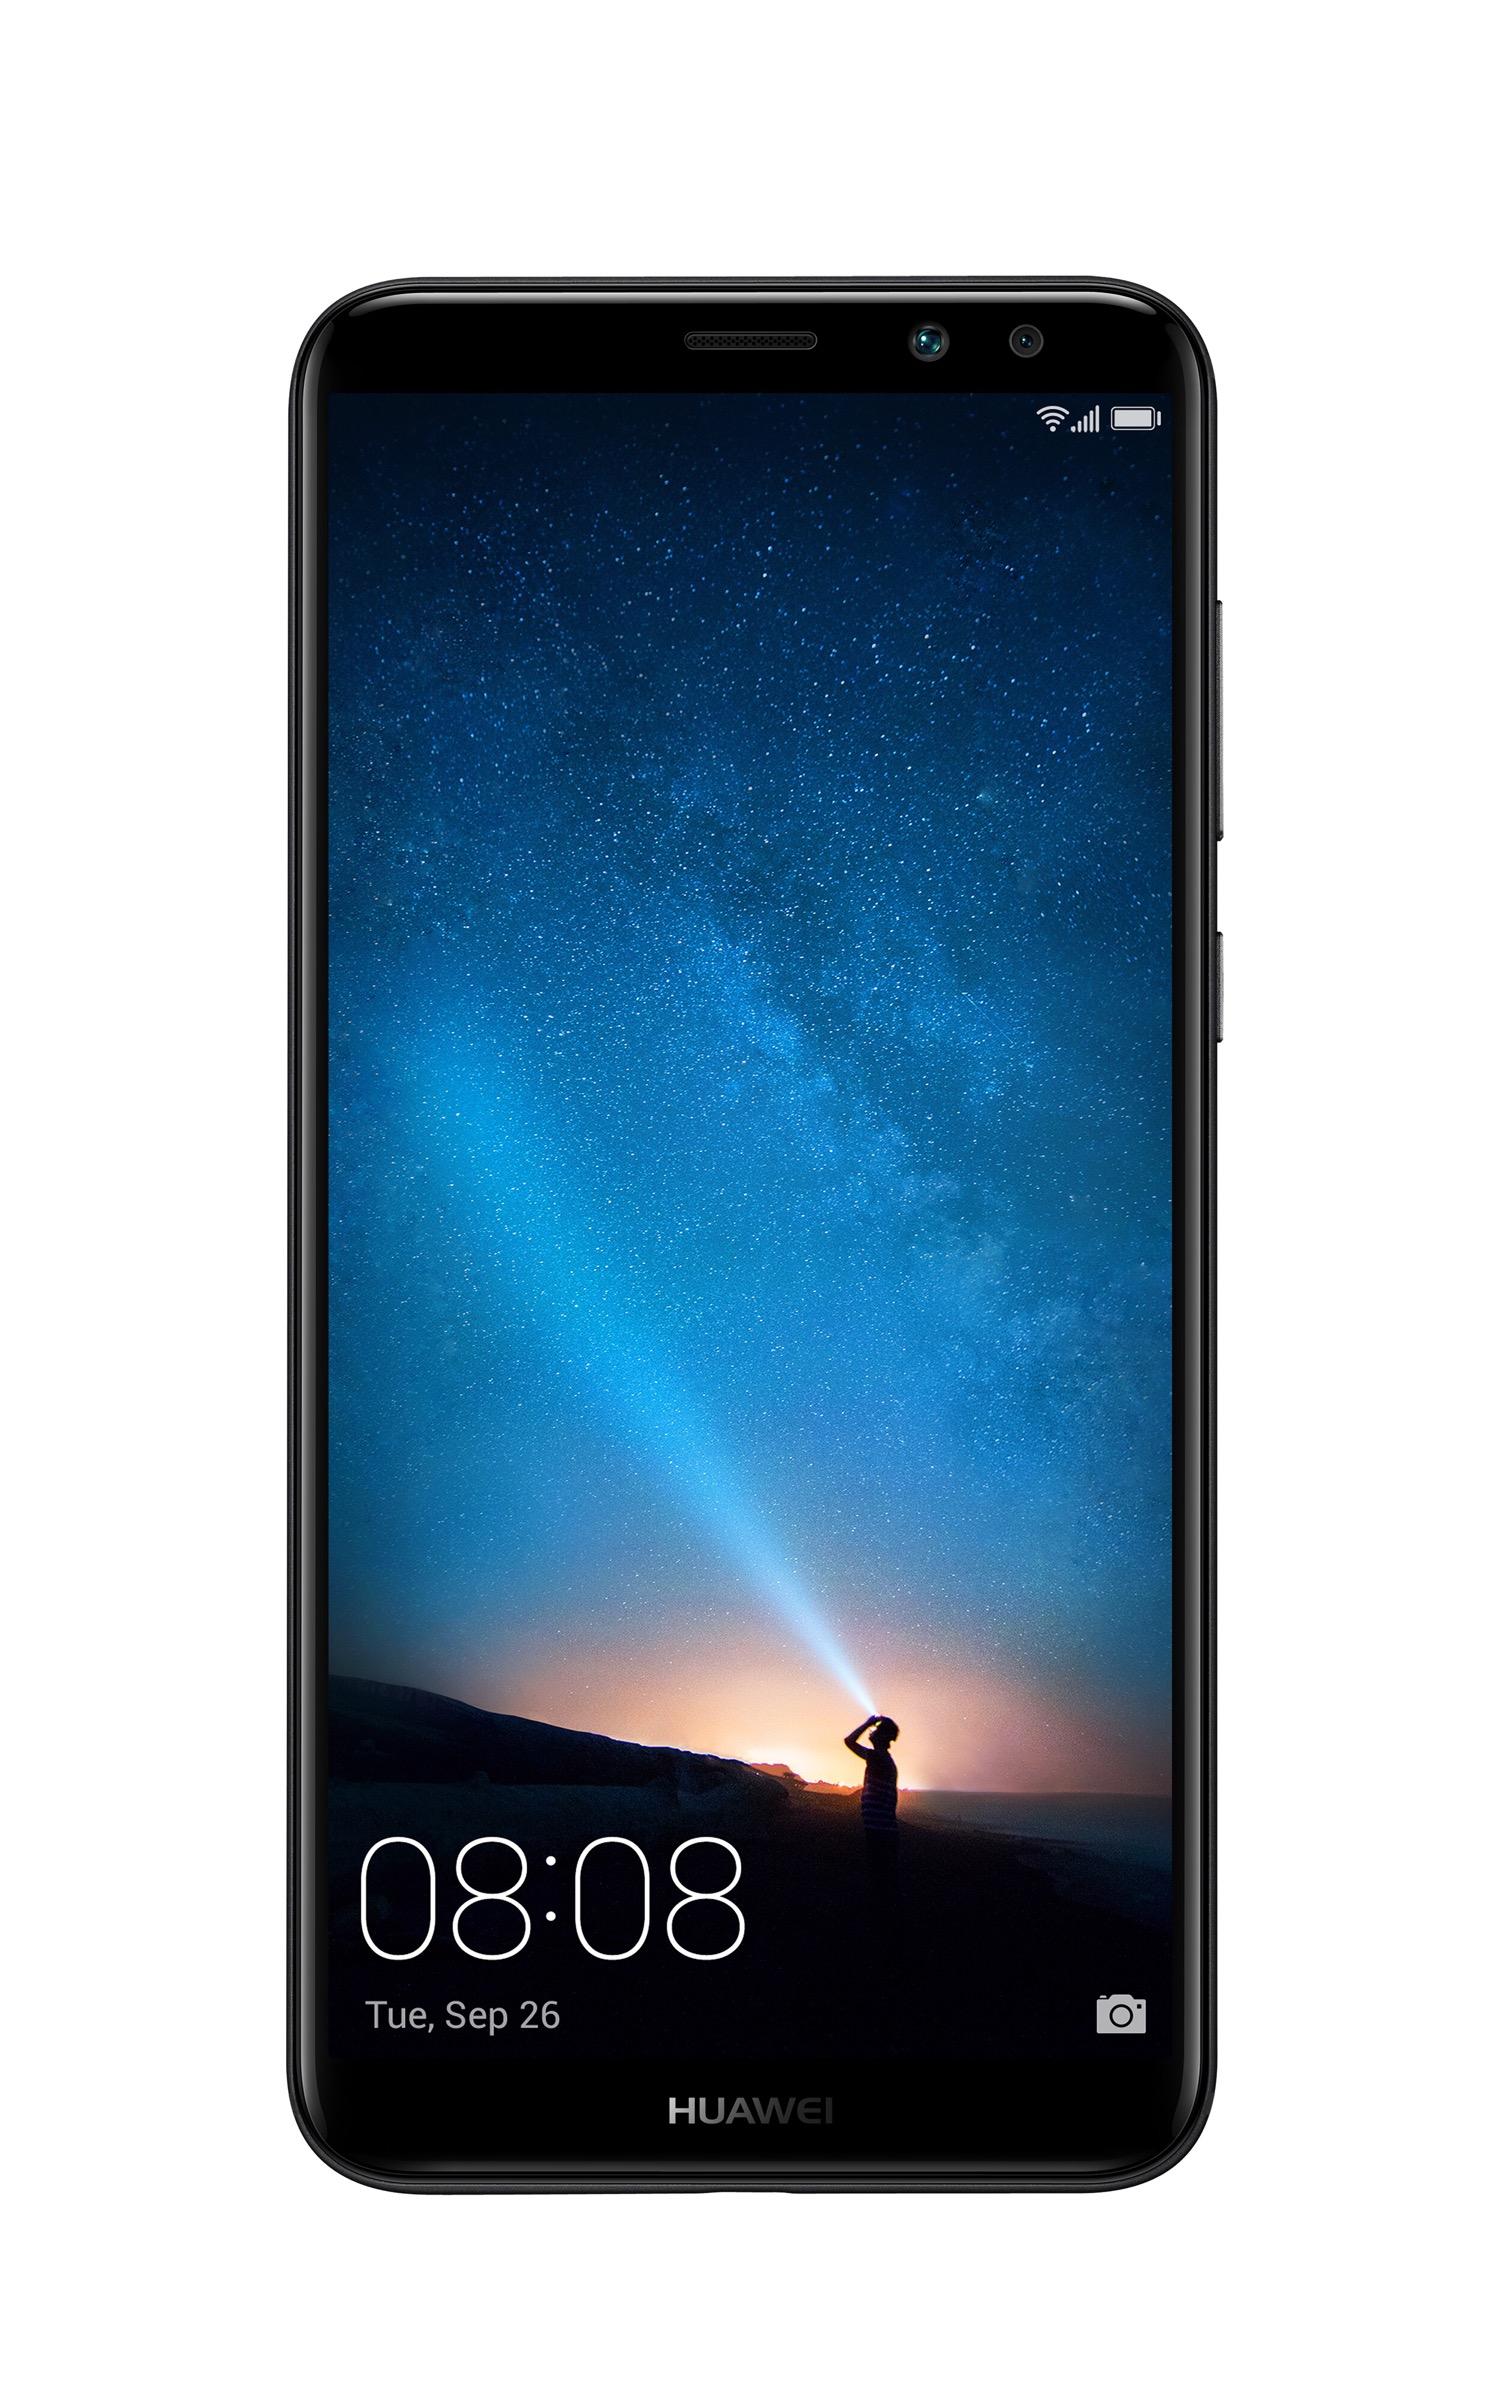 Huawei-Nova-2i-Launch-Event-SpecPhone-00022